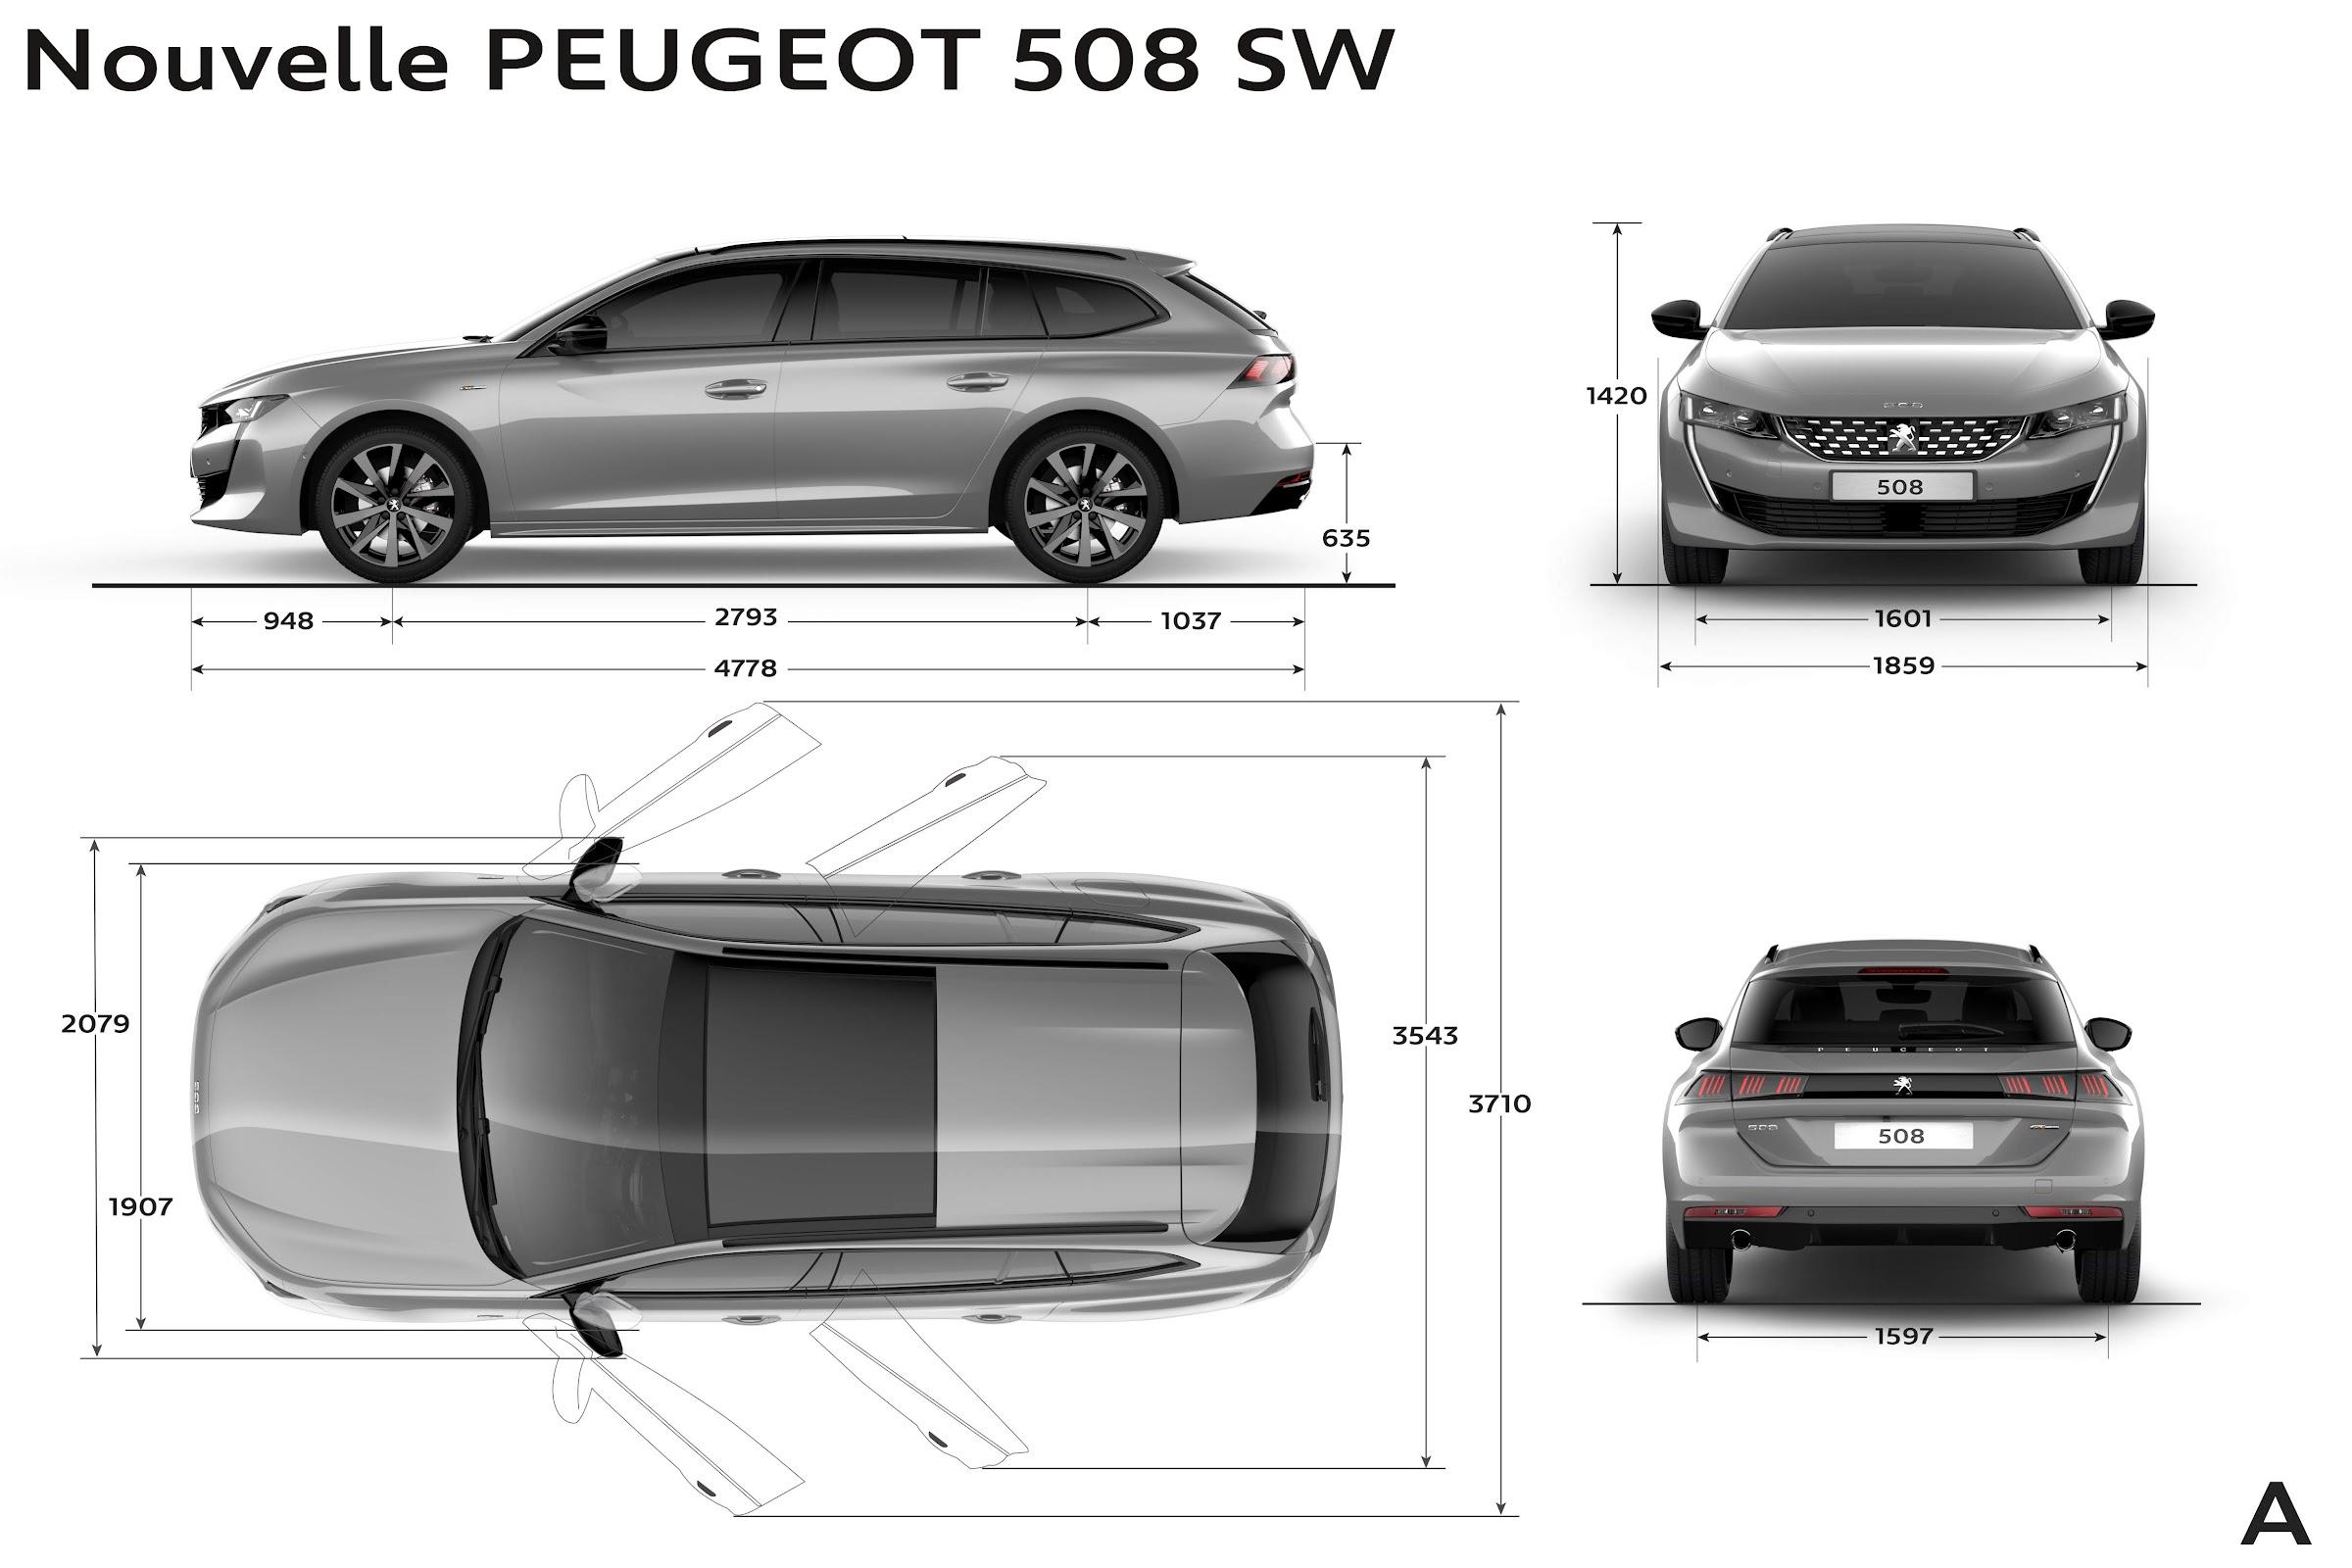 dQM2CCPYhlsrCneoJrQzuaGQJb6AALhi3bd6O4wkSLTOv BkH3eYWmMASdNKlXDPKEnrPaXkuF8TZWFhPvU dr8psIRAOUH41V4zFPoBPFnUIYG3rnwNy7r3 3ACwiJU eFzA  gyA=w2400 - Peugeot 508 SW: llega la versión familiar